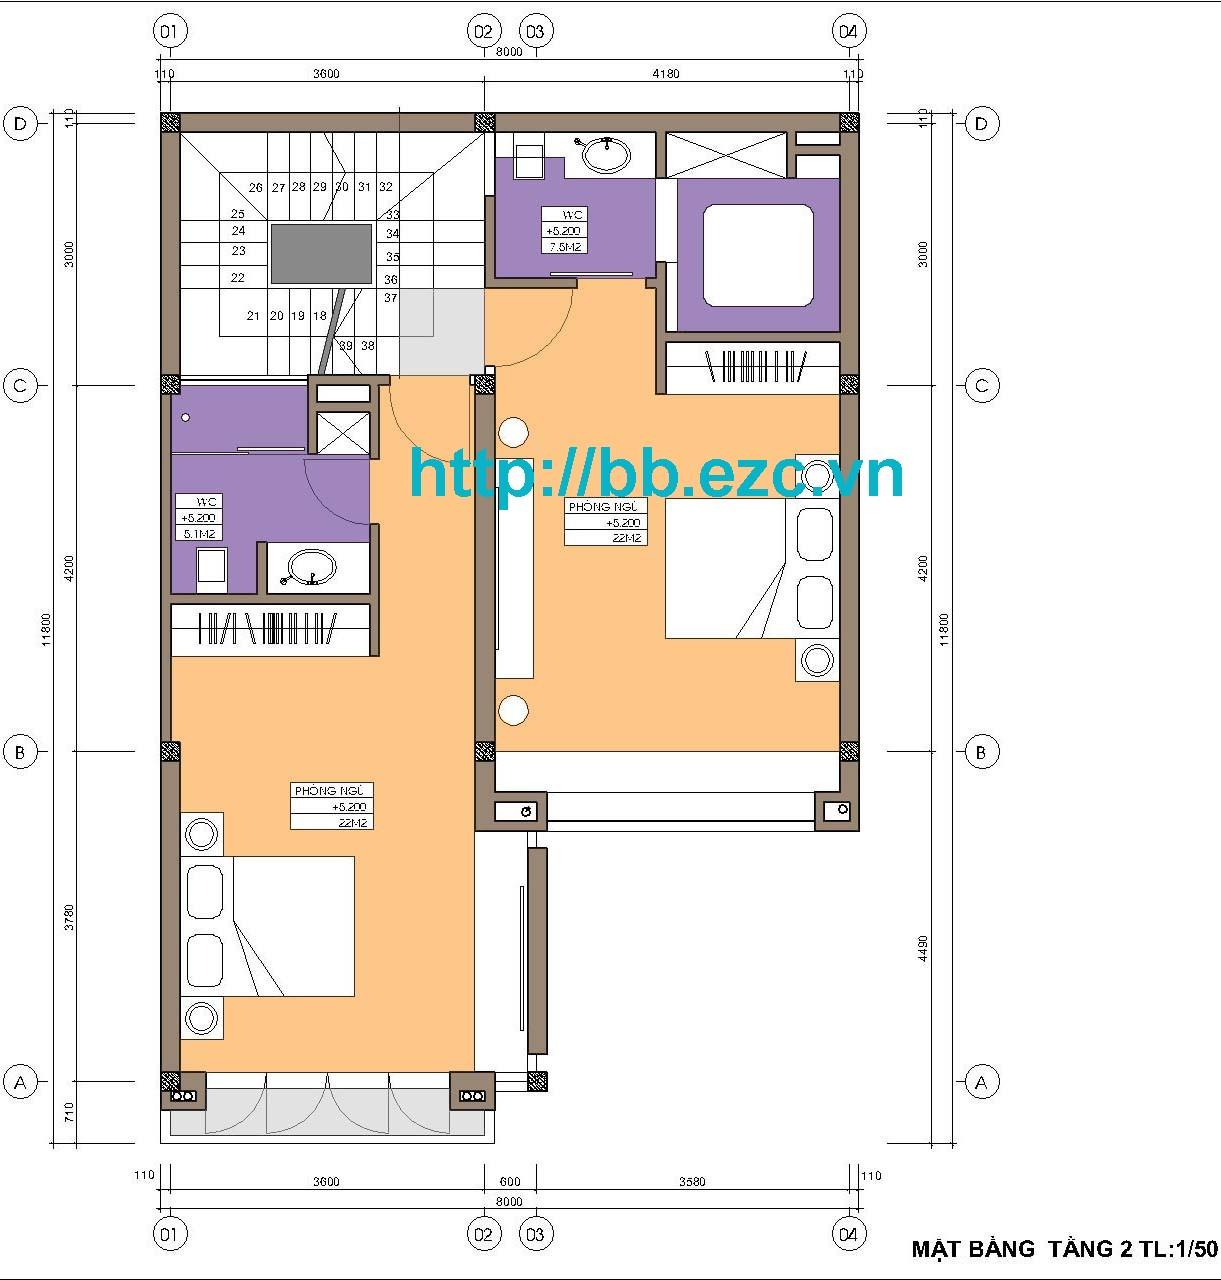 MB nhà phố 8x12m - Các phòng ngủ rộng, tiện nghi cao cấp